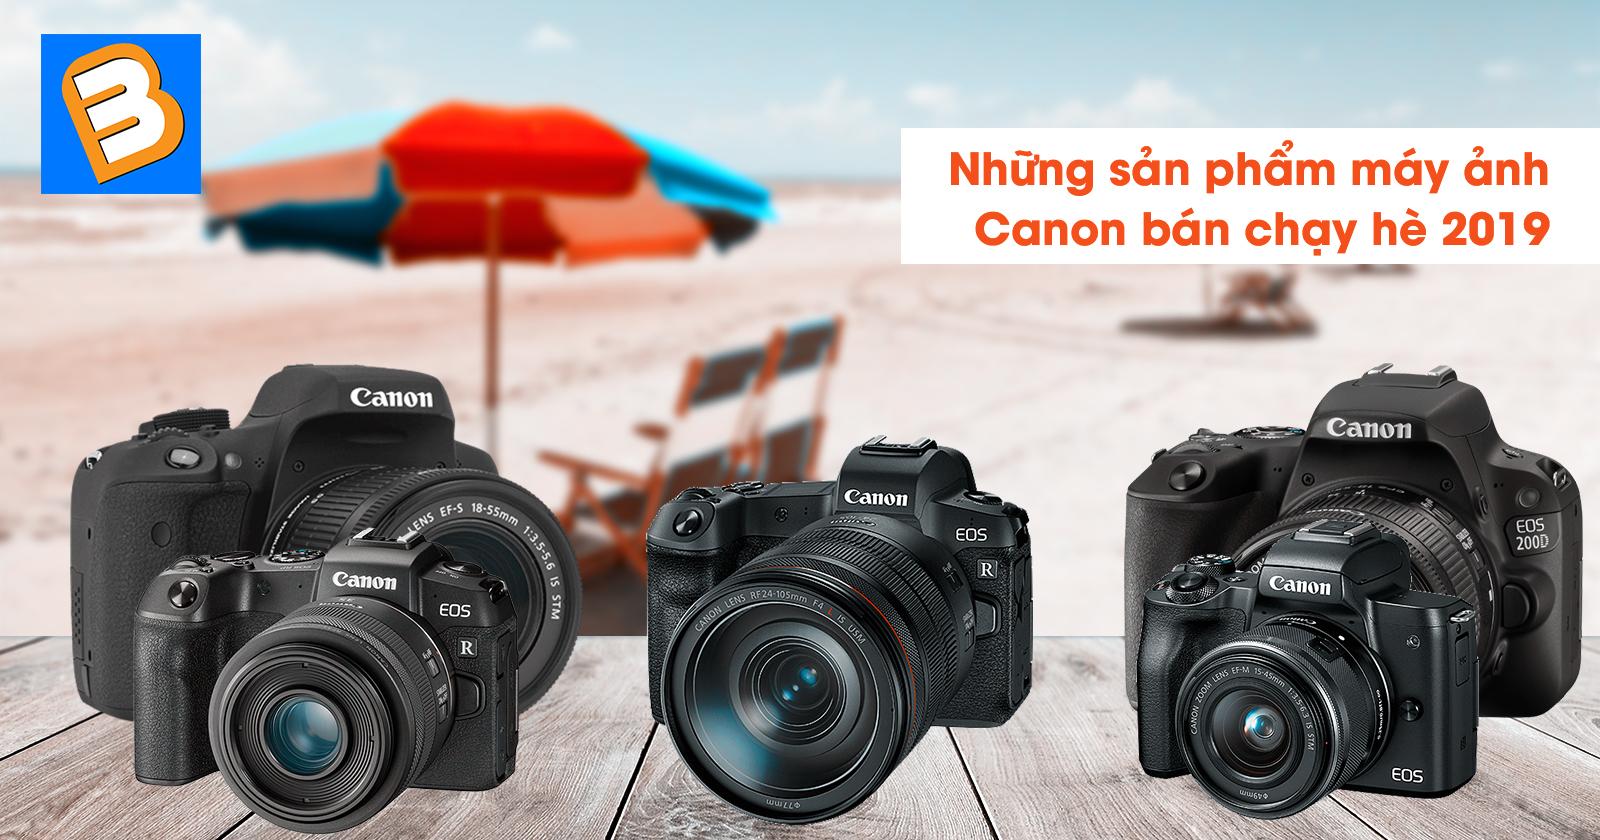 Những sản phẩm máy ảnh canon bán chạy hè 2019